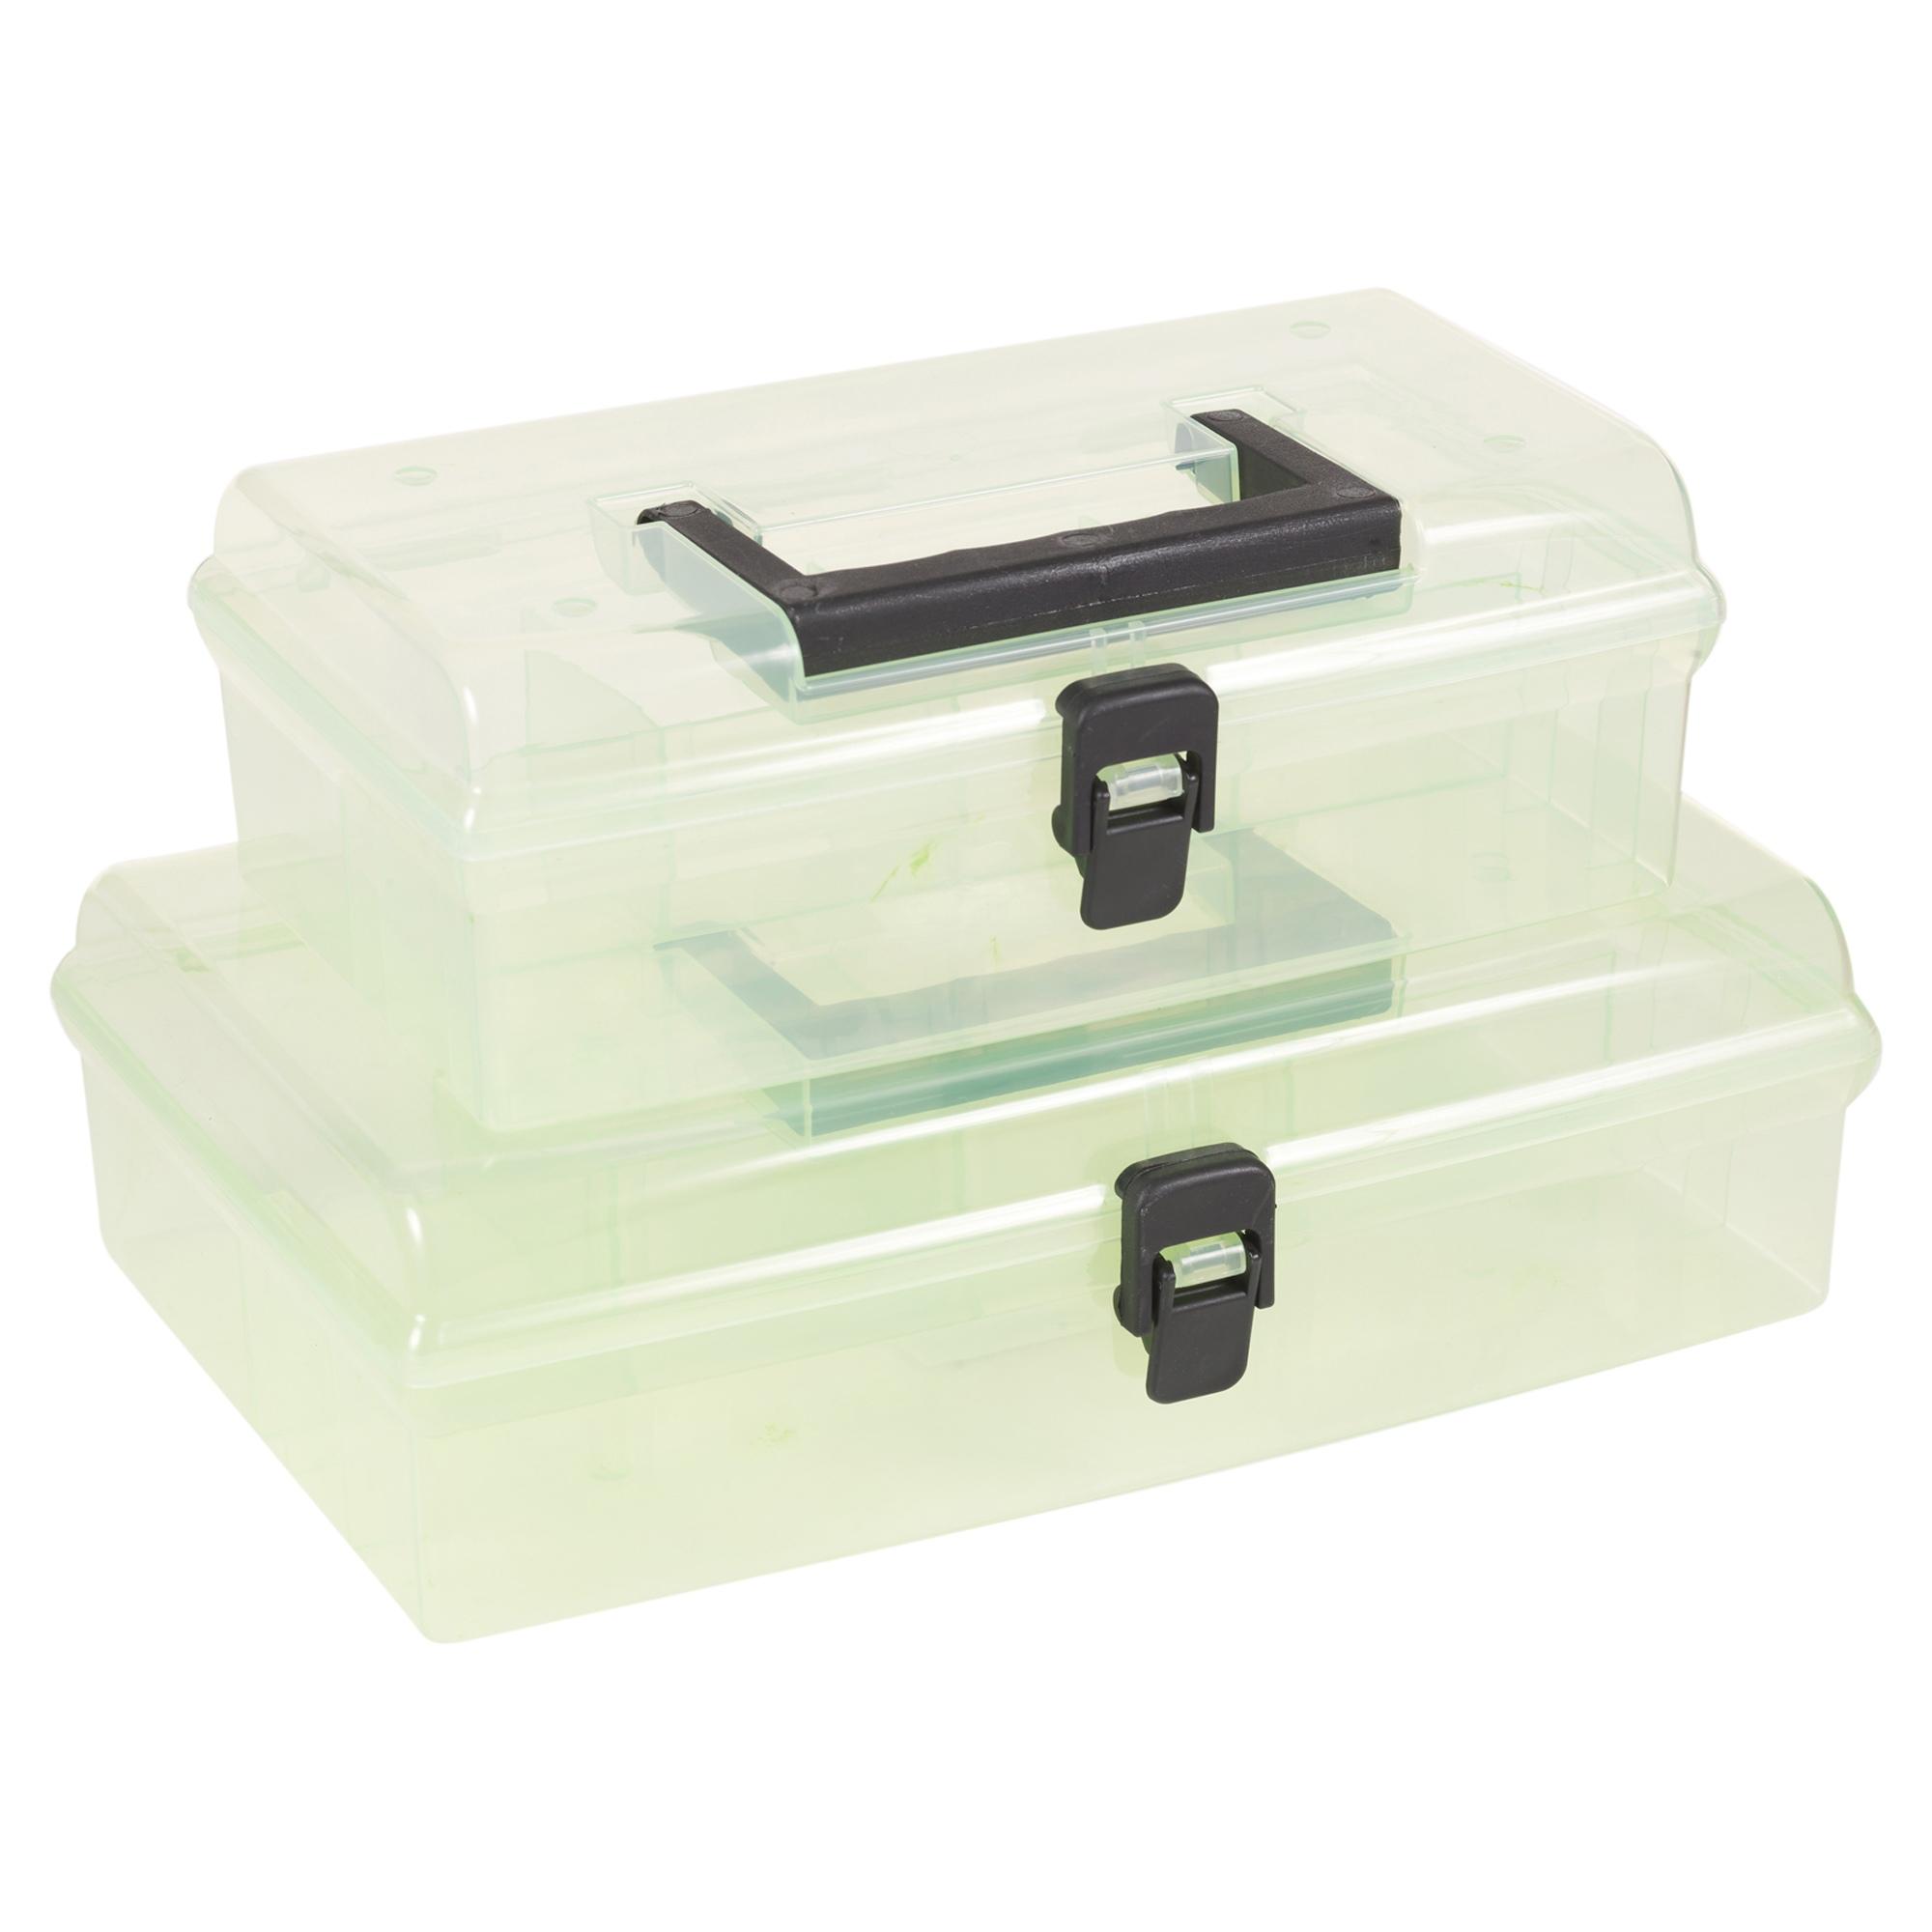 Almacenaje de pl stico caja recipiente manillar - Caja almacenaje plastico ...